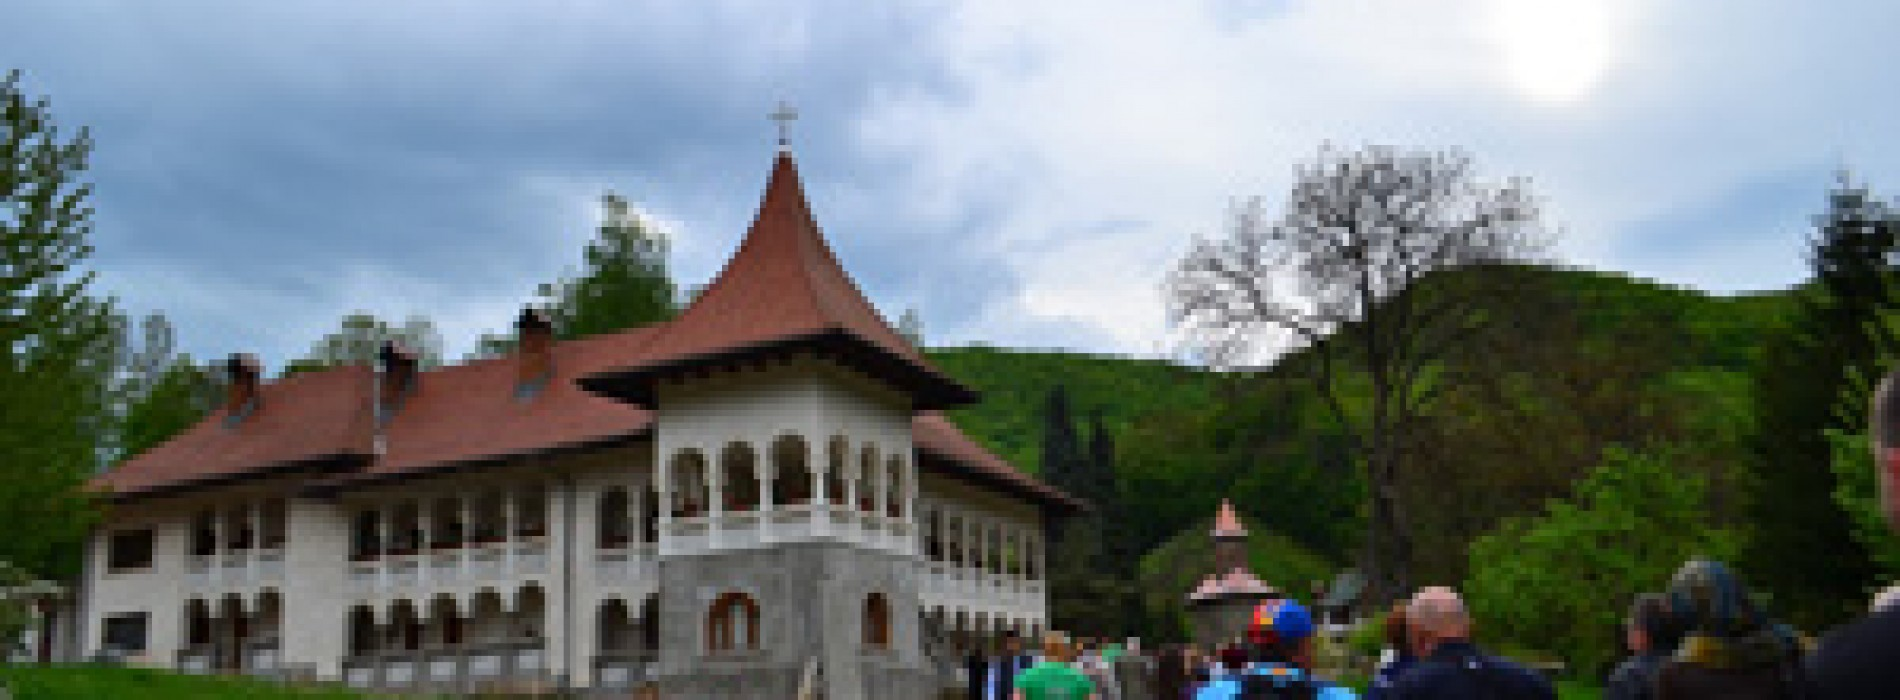 Românii au cheltuit în 2013 două miliarde de euro pe vacanțe